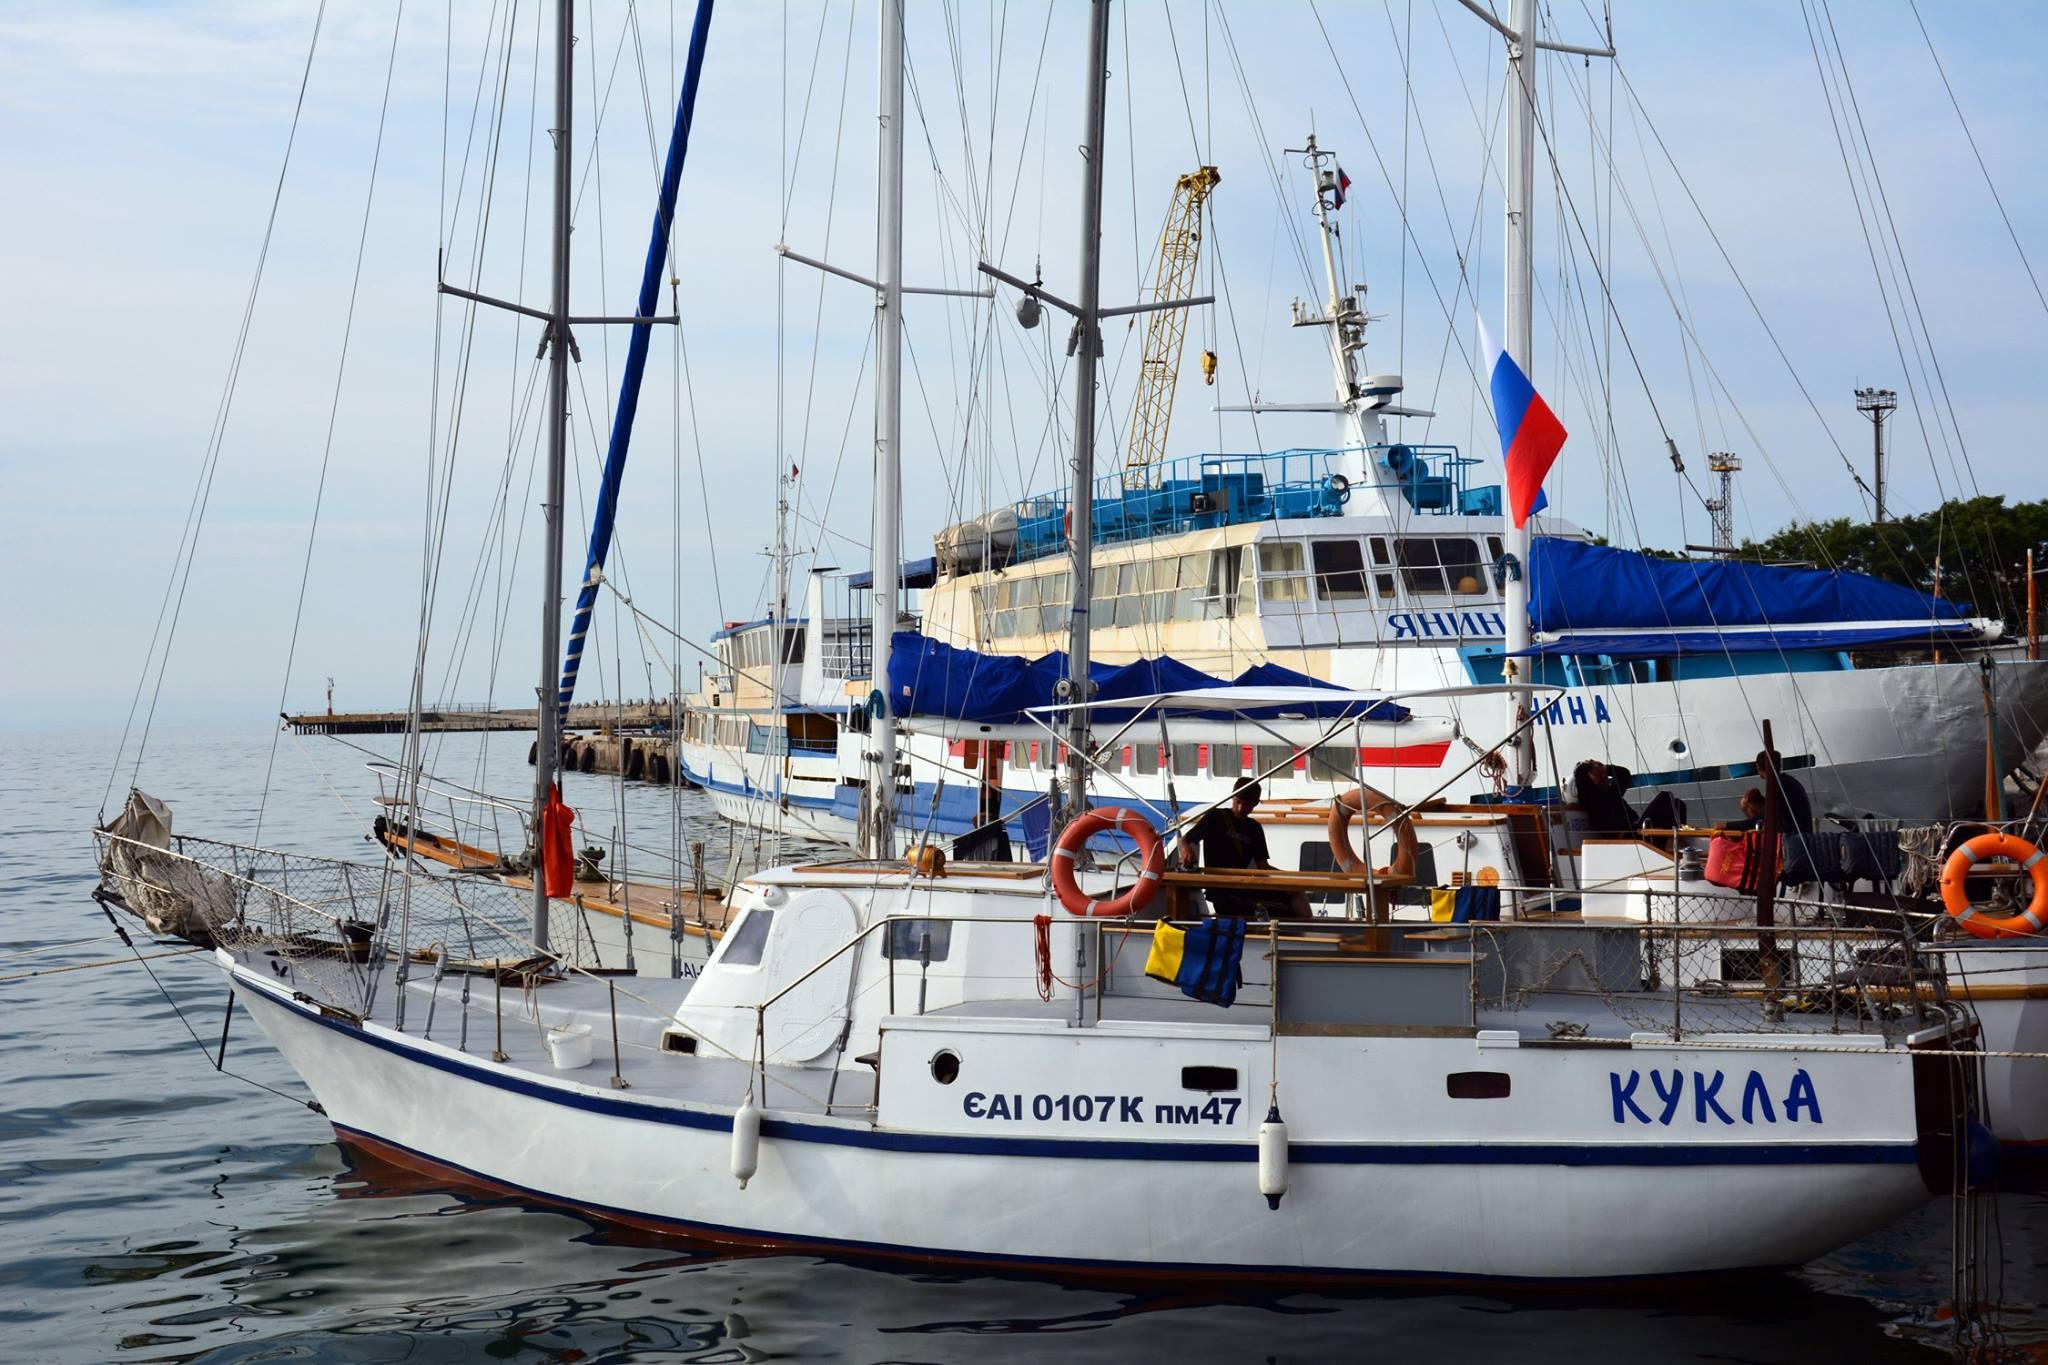 Как потратят деньги, выделенные на развитие туризма в Крыму?